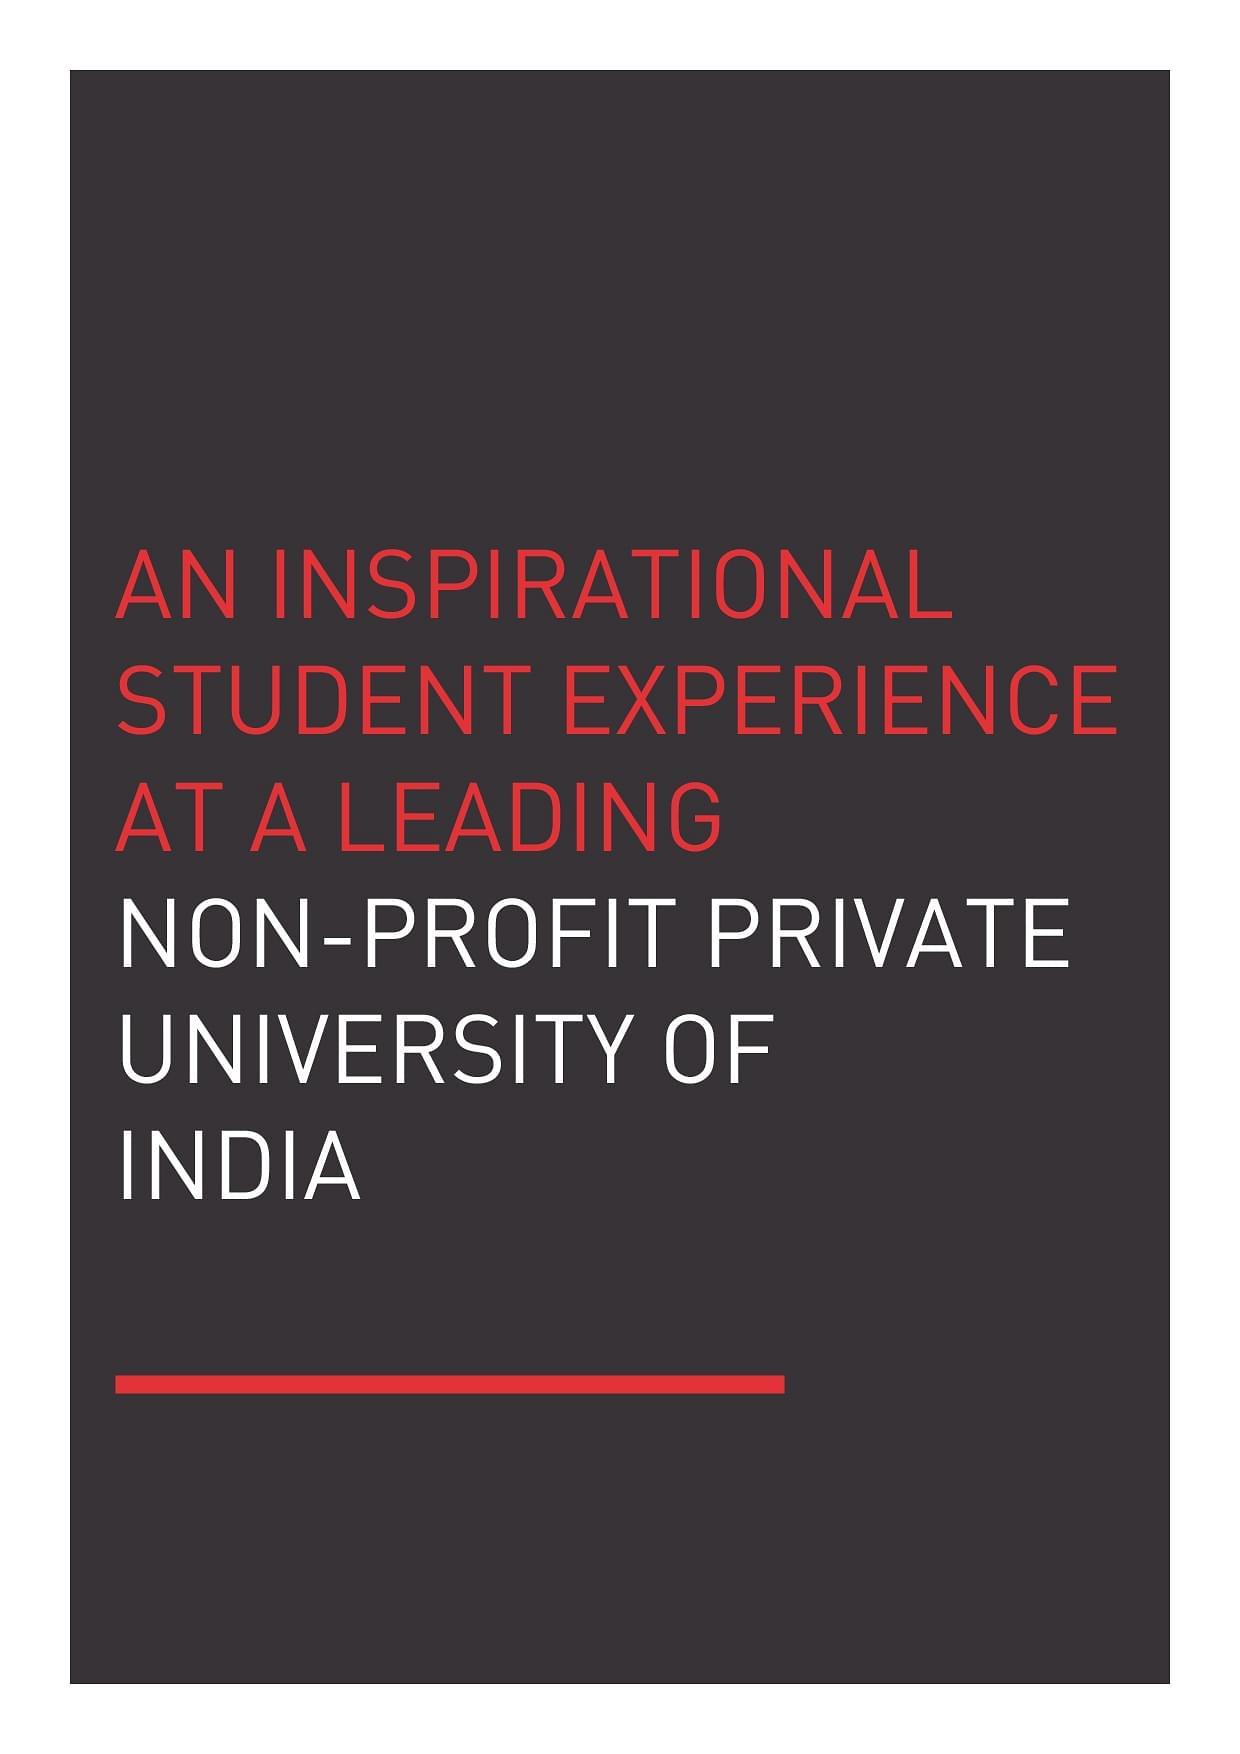 Chitkara University, Chitkara School of Planning and